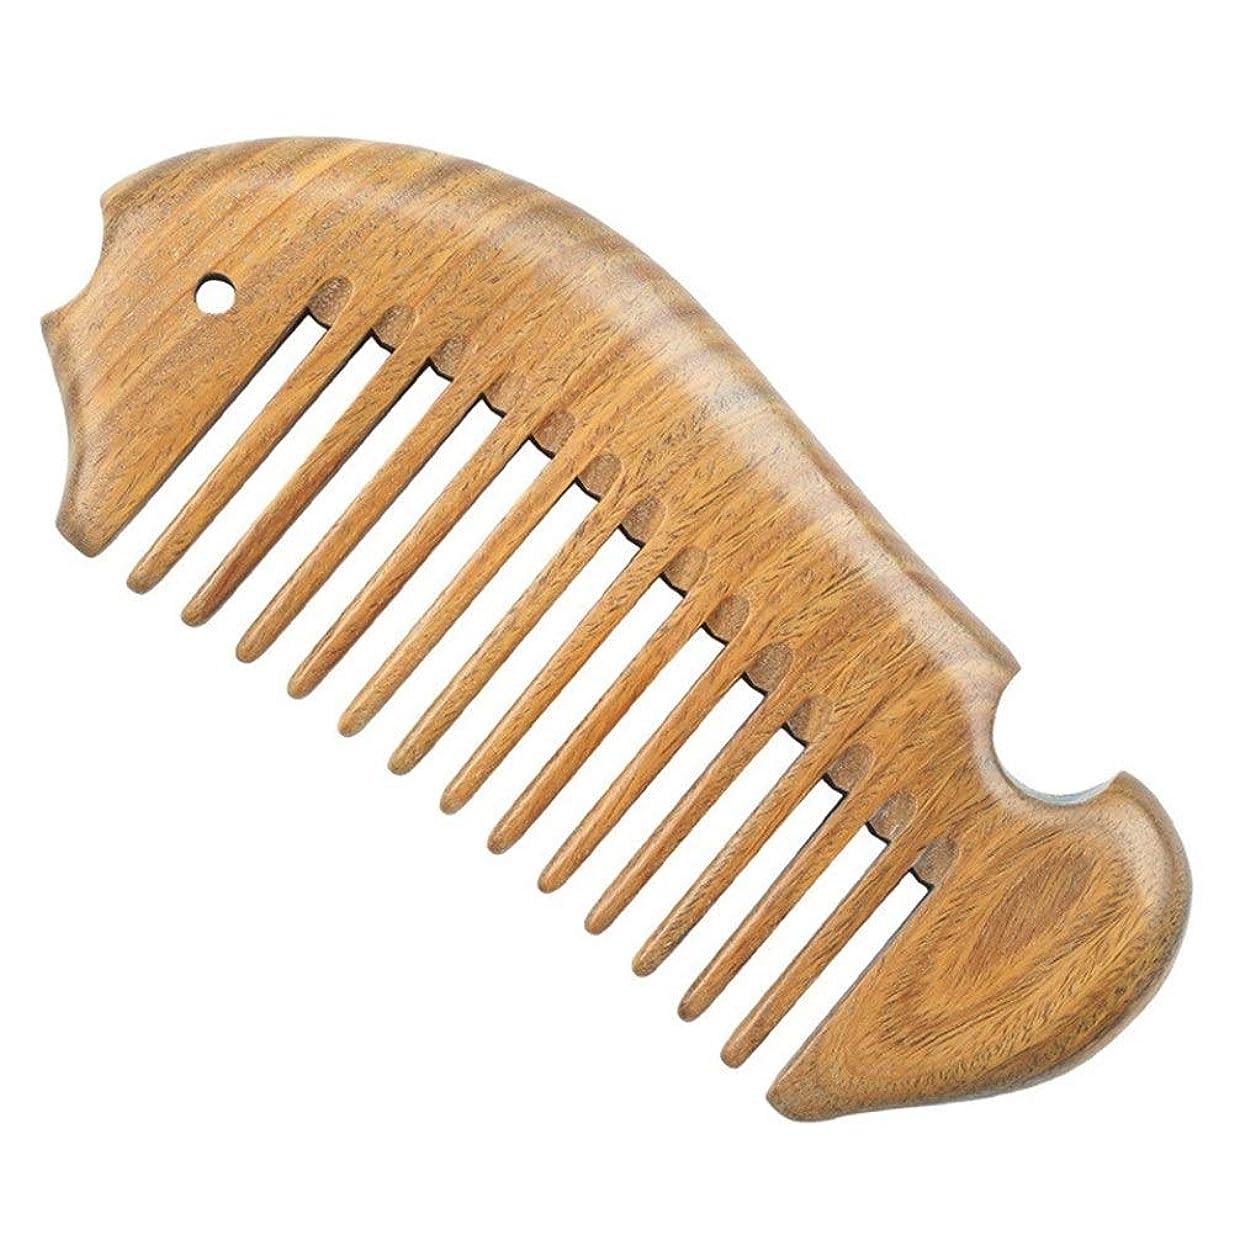 ラウズ禁止する倫理的Guomao グリーンサンダルウッドコームナチュラルサンダルウッドウッドコーム広い歯の櫛全体ウッドコーム魚の形 (Size : 12*5*1 cm)